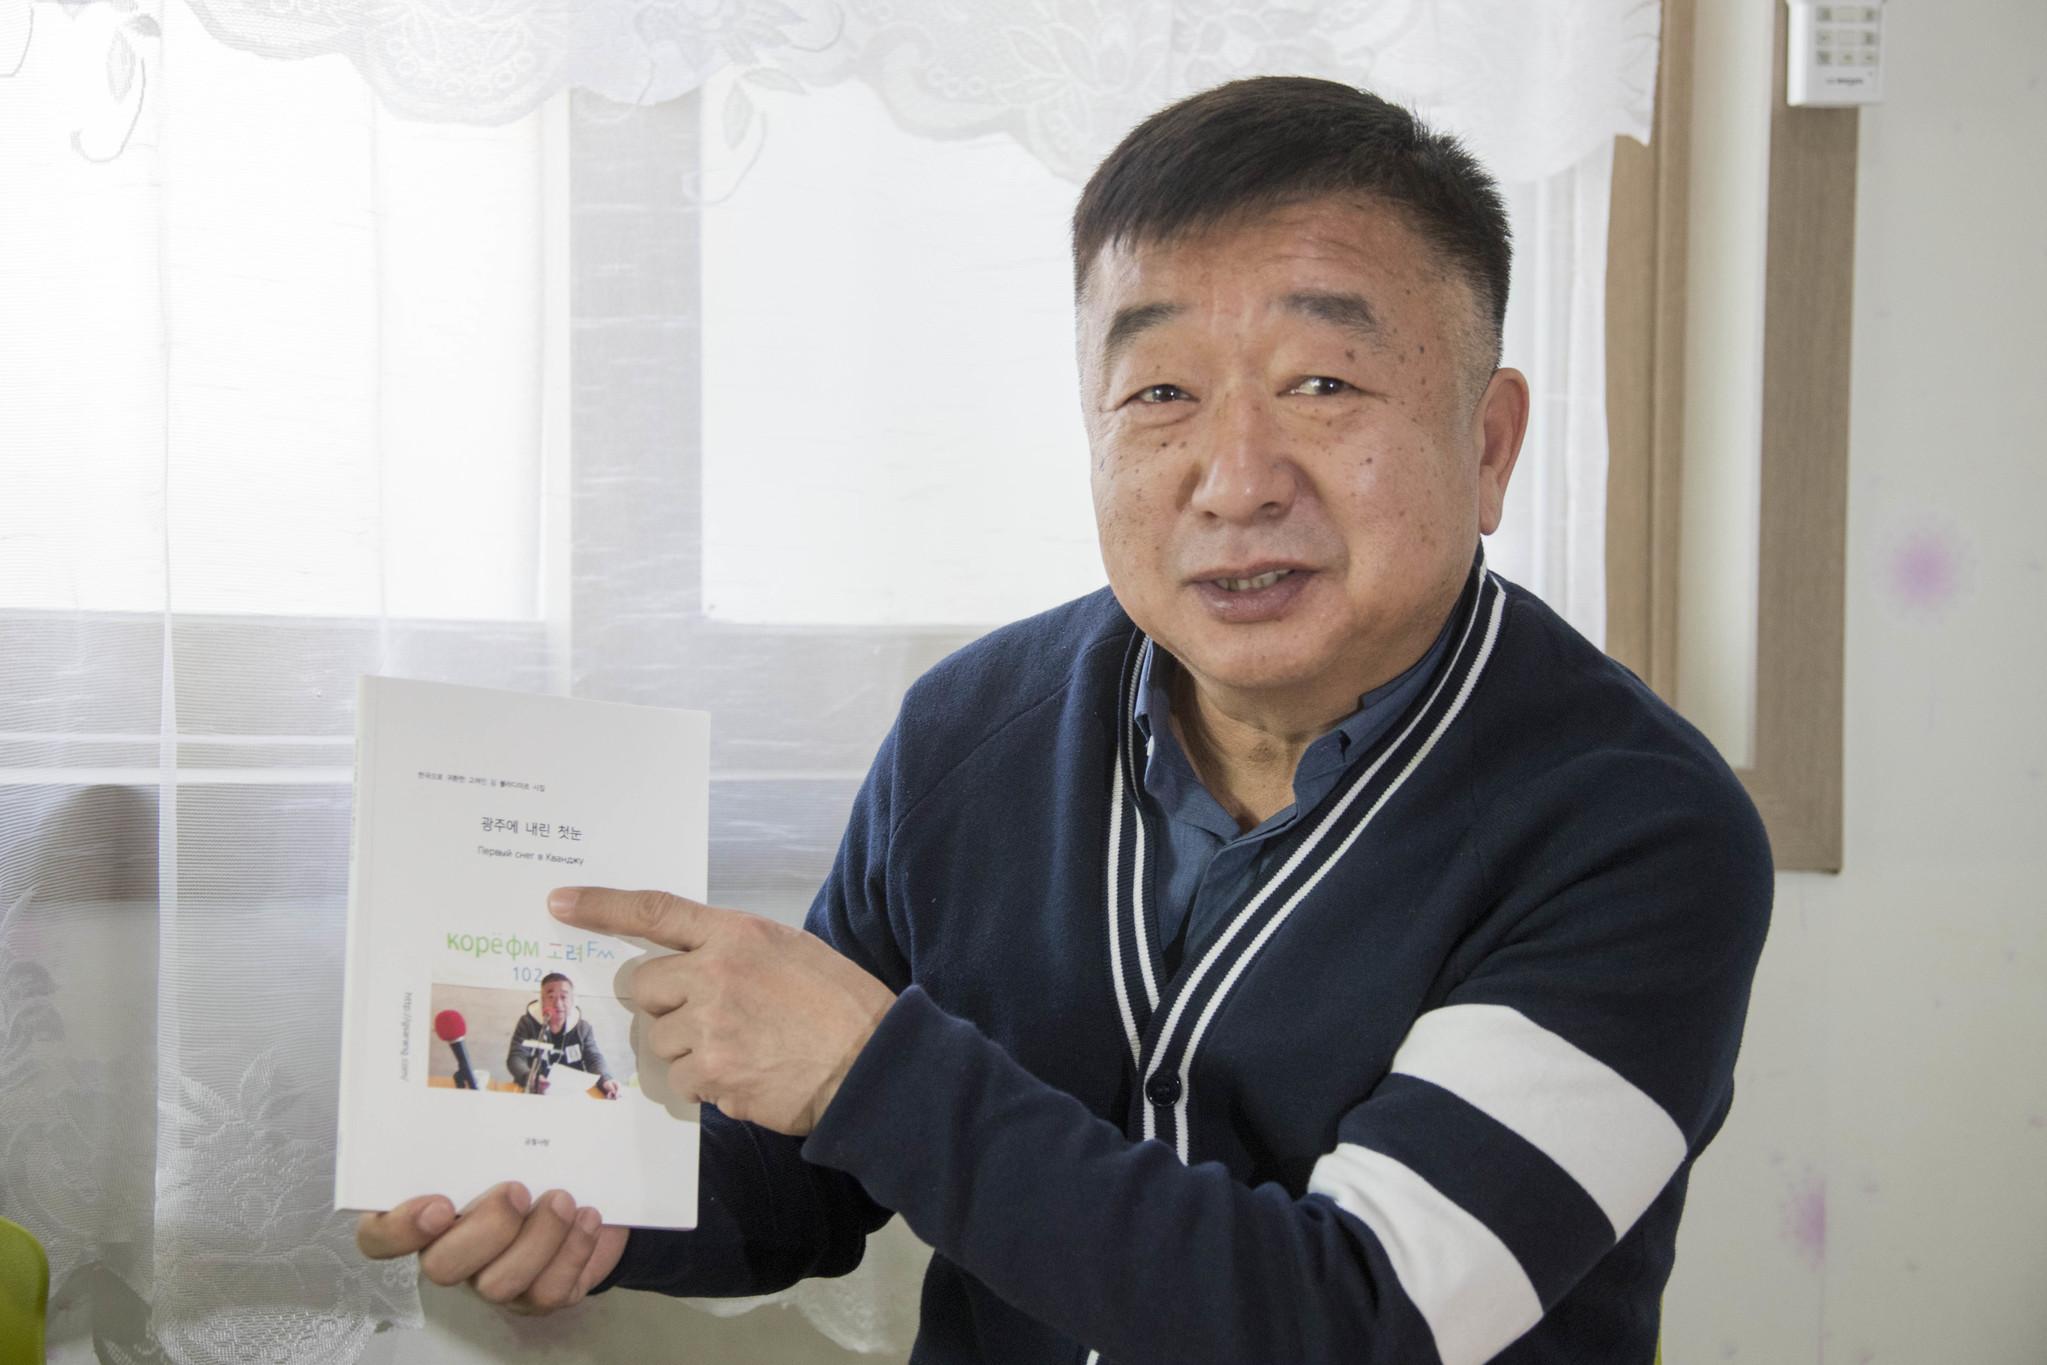 시집을 소개하는 김 블라디미르. 시집 판매 수익금은 고려인들을 위해 쓰기로 했다. [프리랜서 오종찬]